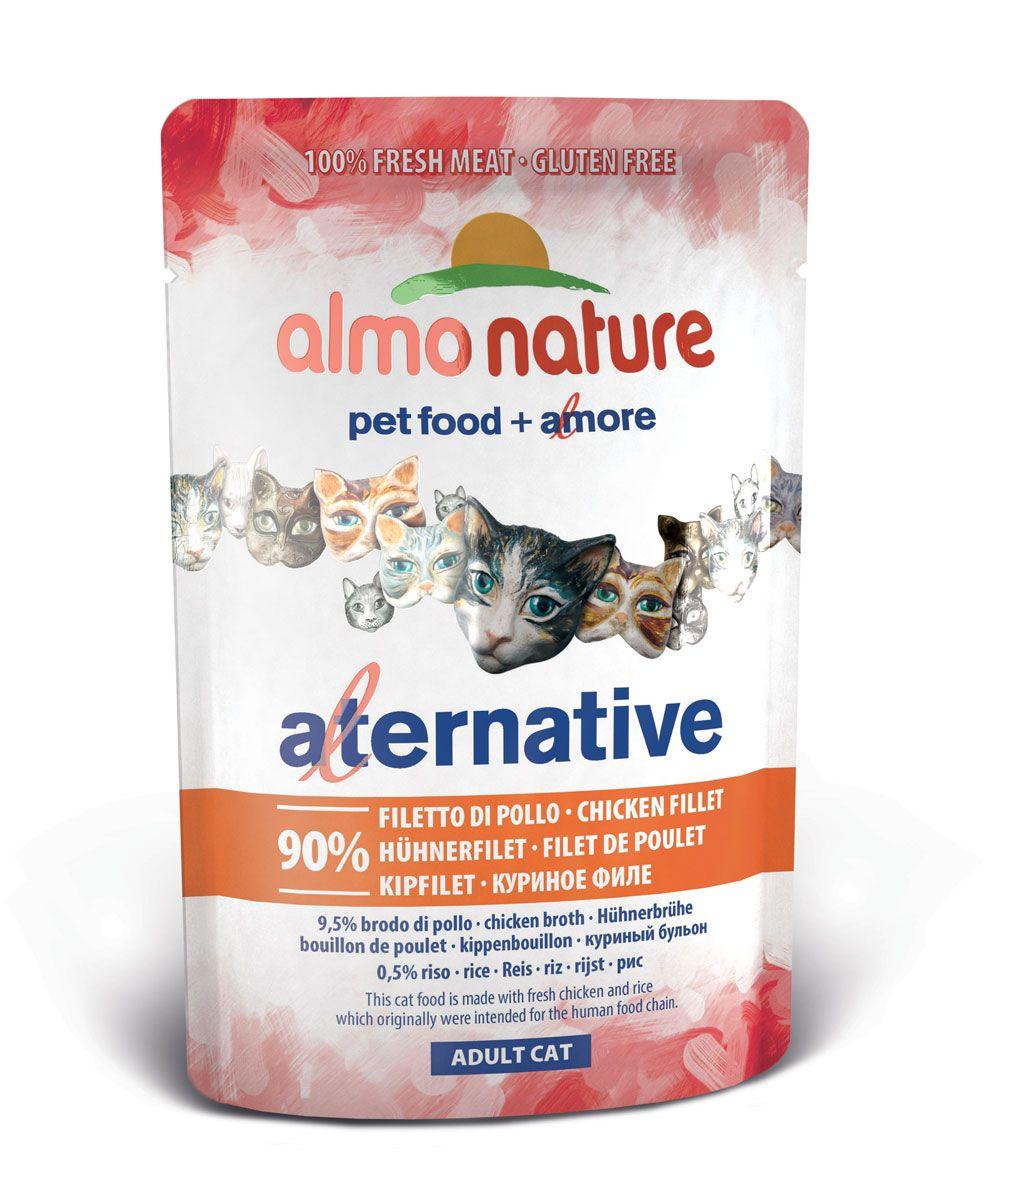 Консервы для кошек Almo Nature Alternative, с куриным филе, 55 г. 2062320623Состав: филе курицы 90%, куриный бульон 9,5, рис 0,5% Пищевая ценность: белки 20%, клетчатка 0,1%, масла и жиры 1%, зола 2%, влага 78%.